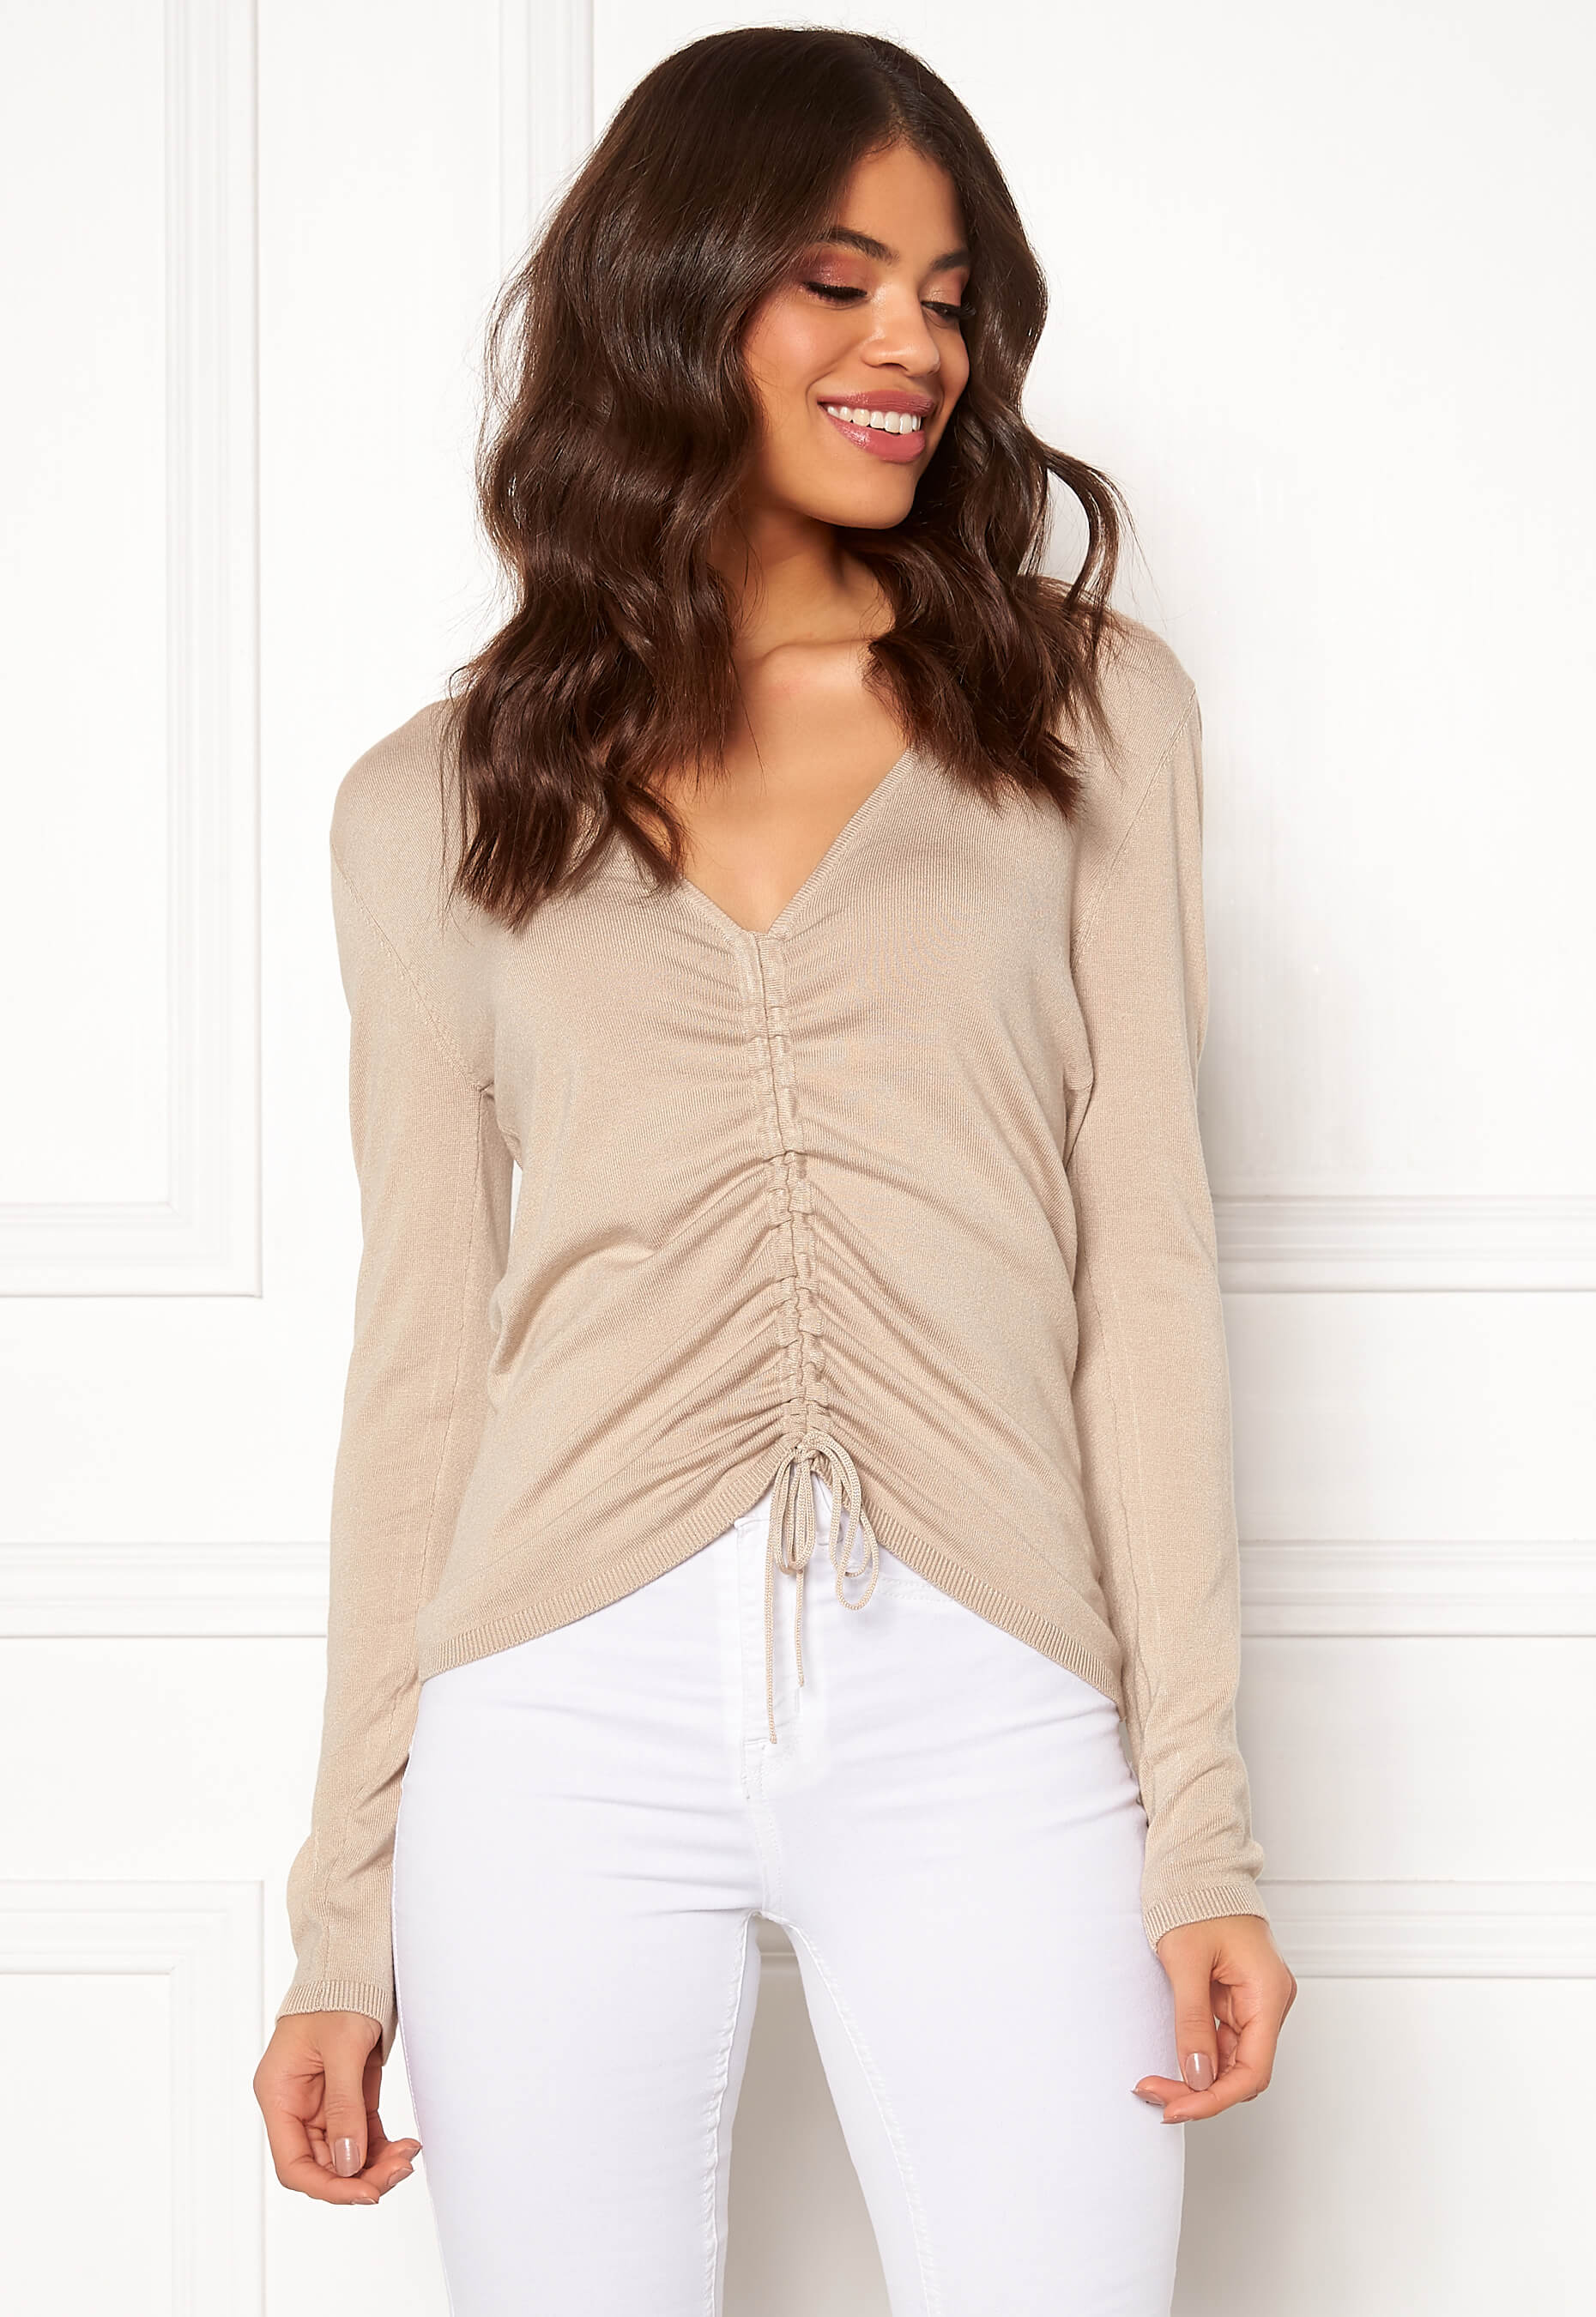 Beige långärmad tröja med dragsnöre i mitten. Finstickat material.